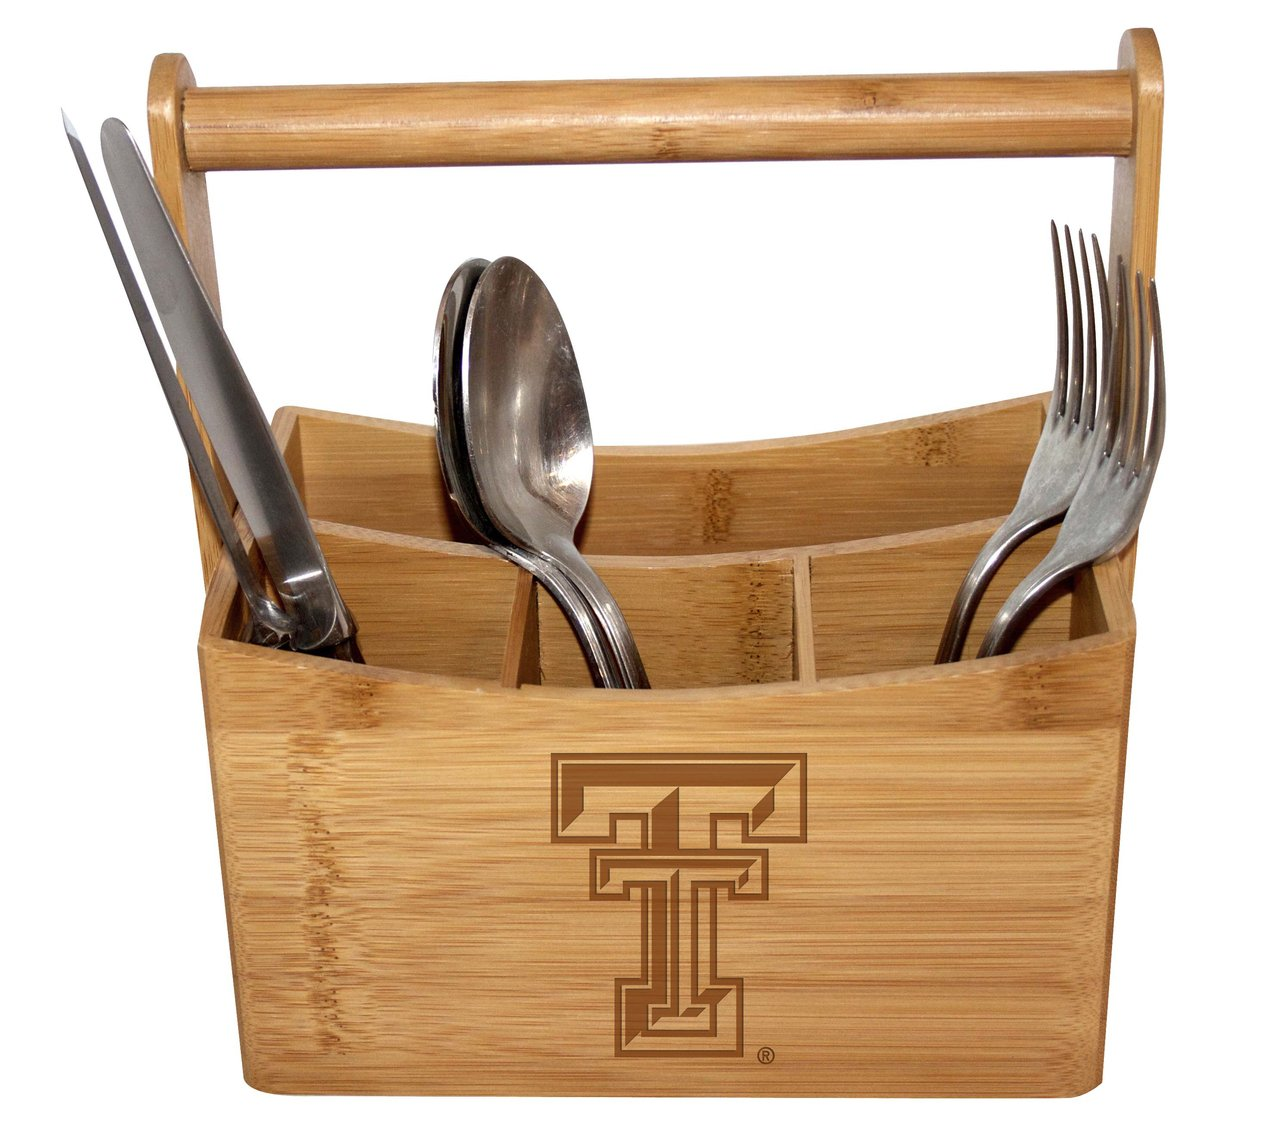 Texas Tech Bamboo Caddy